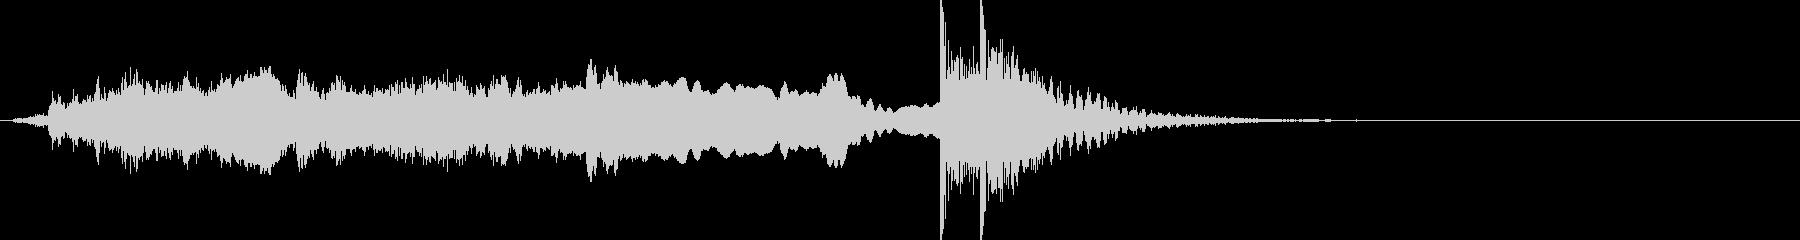 和風 掛け声よー深妙な感じ 笛、太鼓 1の未再生の波形